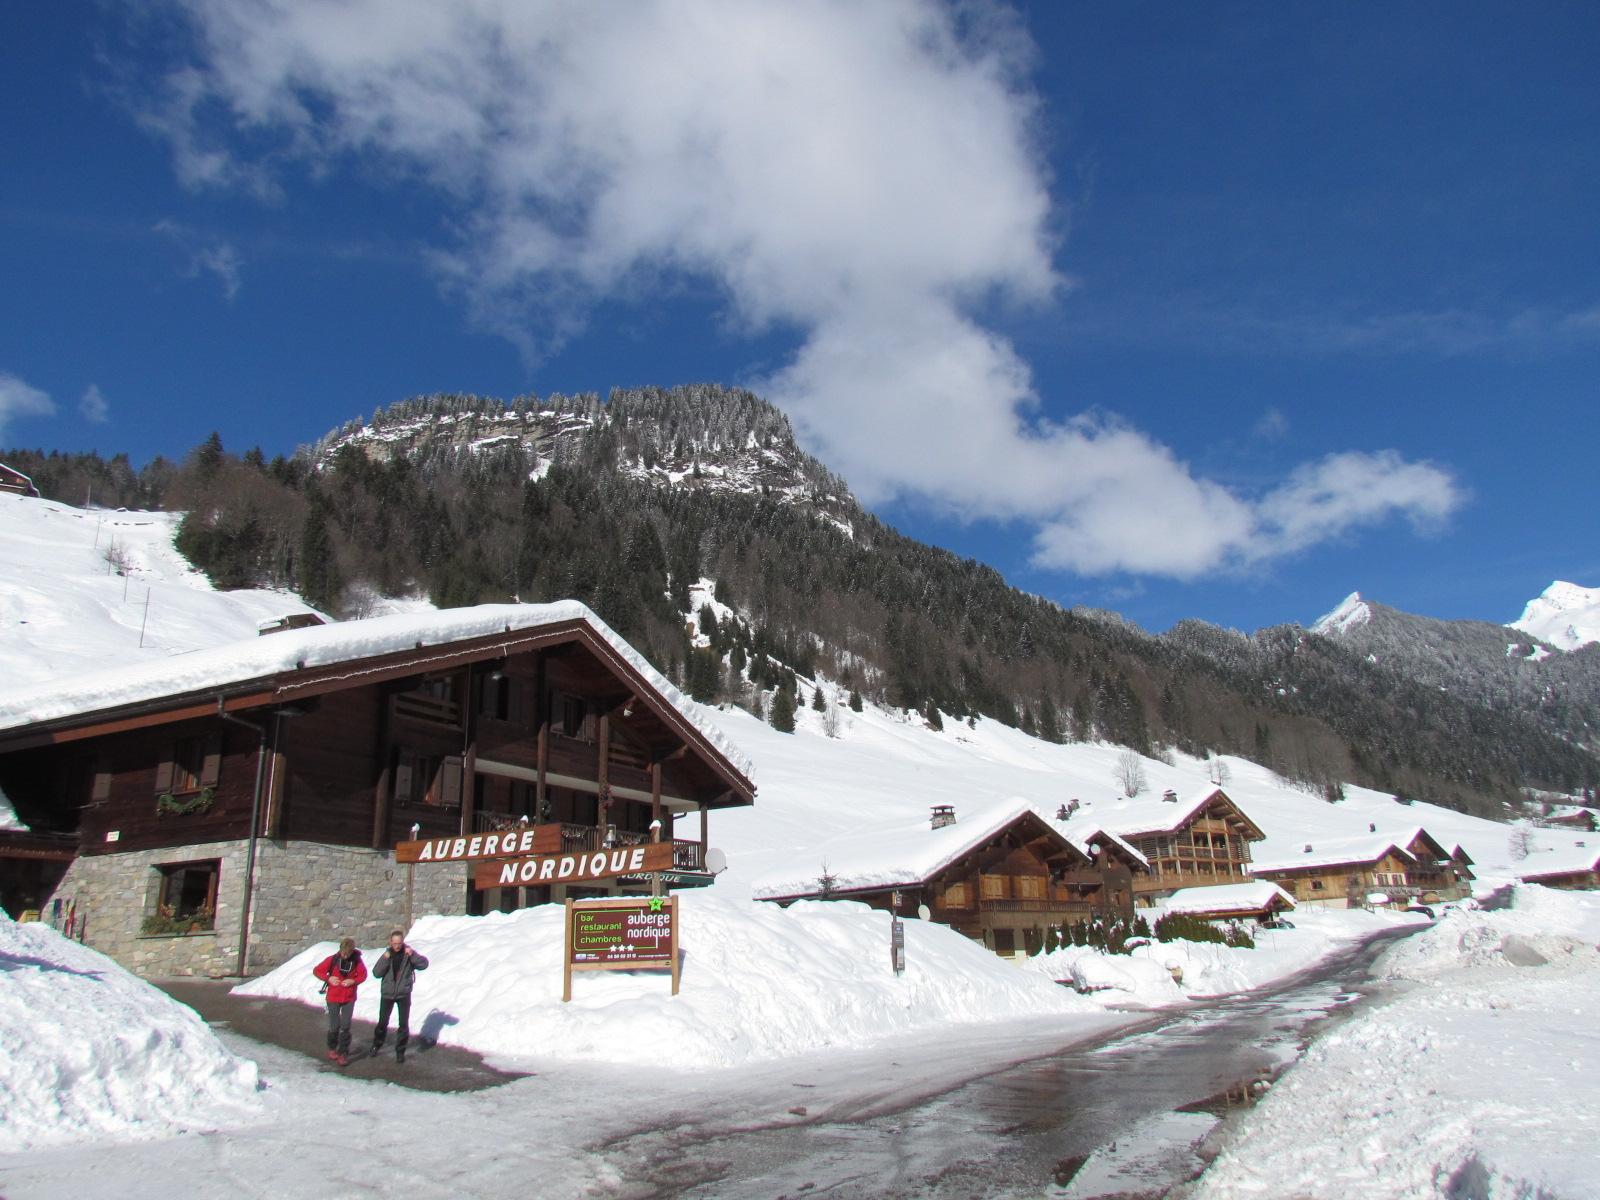 Village de vacances auberge nordique savoie mont blanc savoie et haute savoie alpes - Office du tourisme grand bornand chinaillon ...